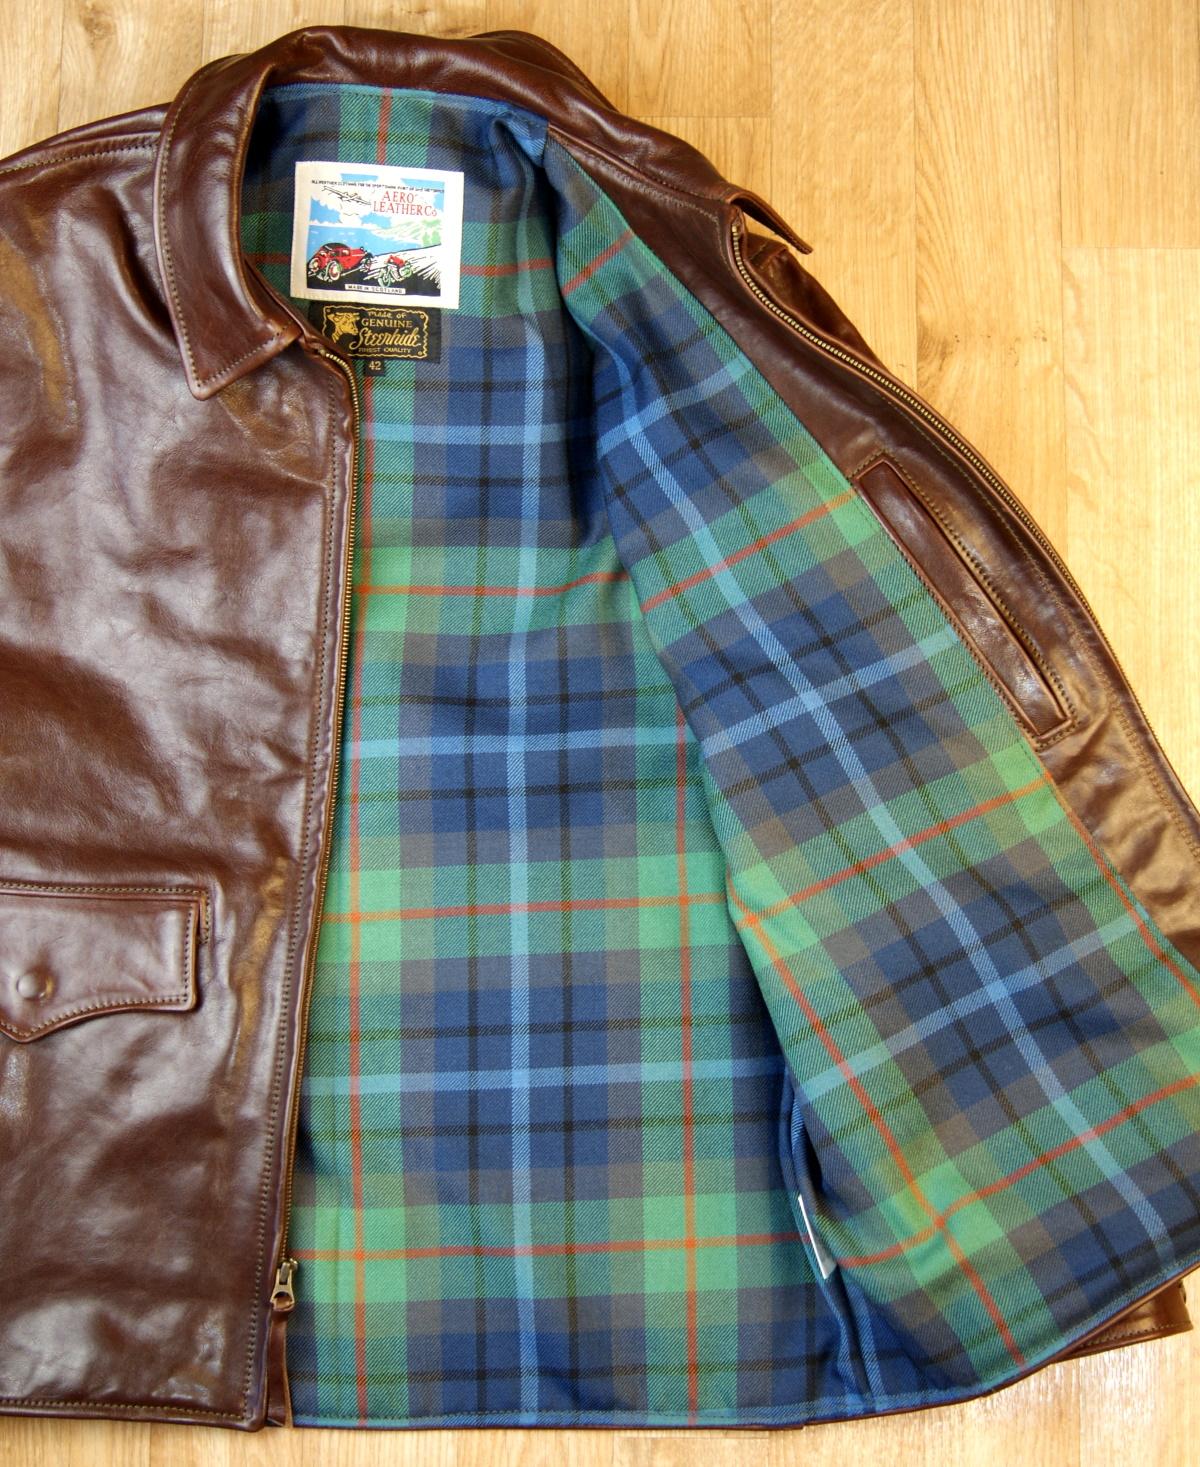 Aero Long Half Belt Tobacco Badalassi New York City tartan medium lining.jpg